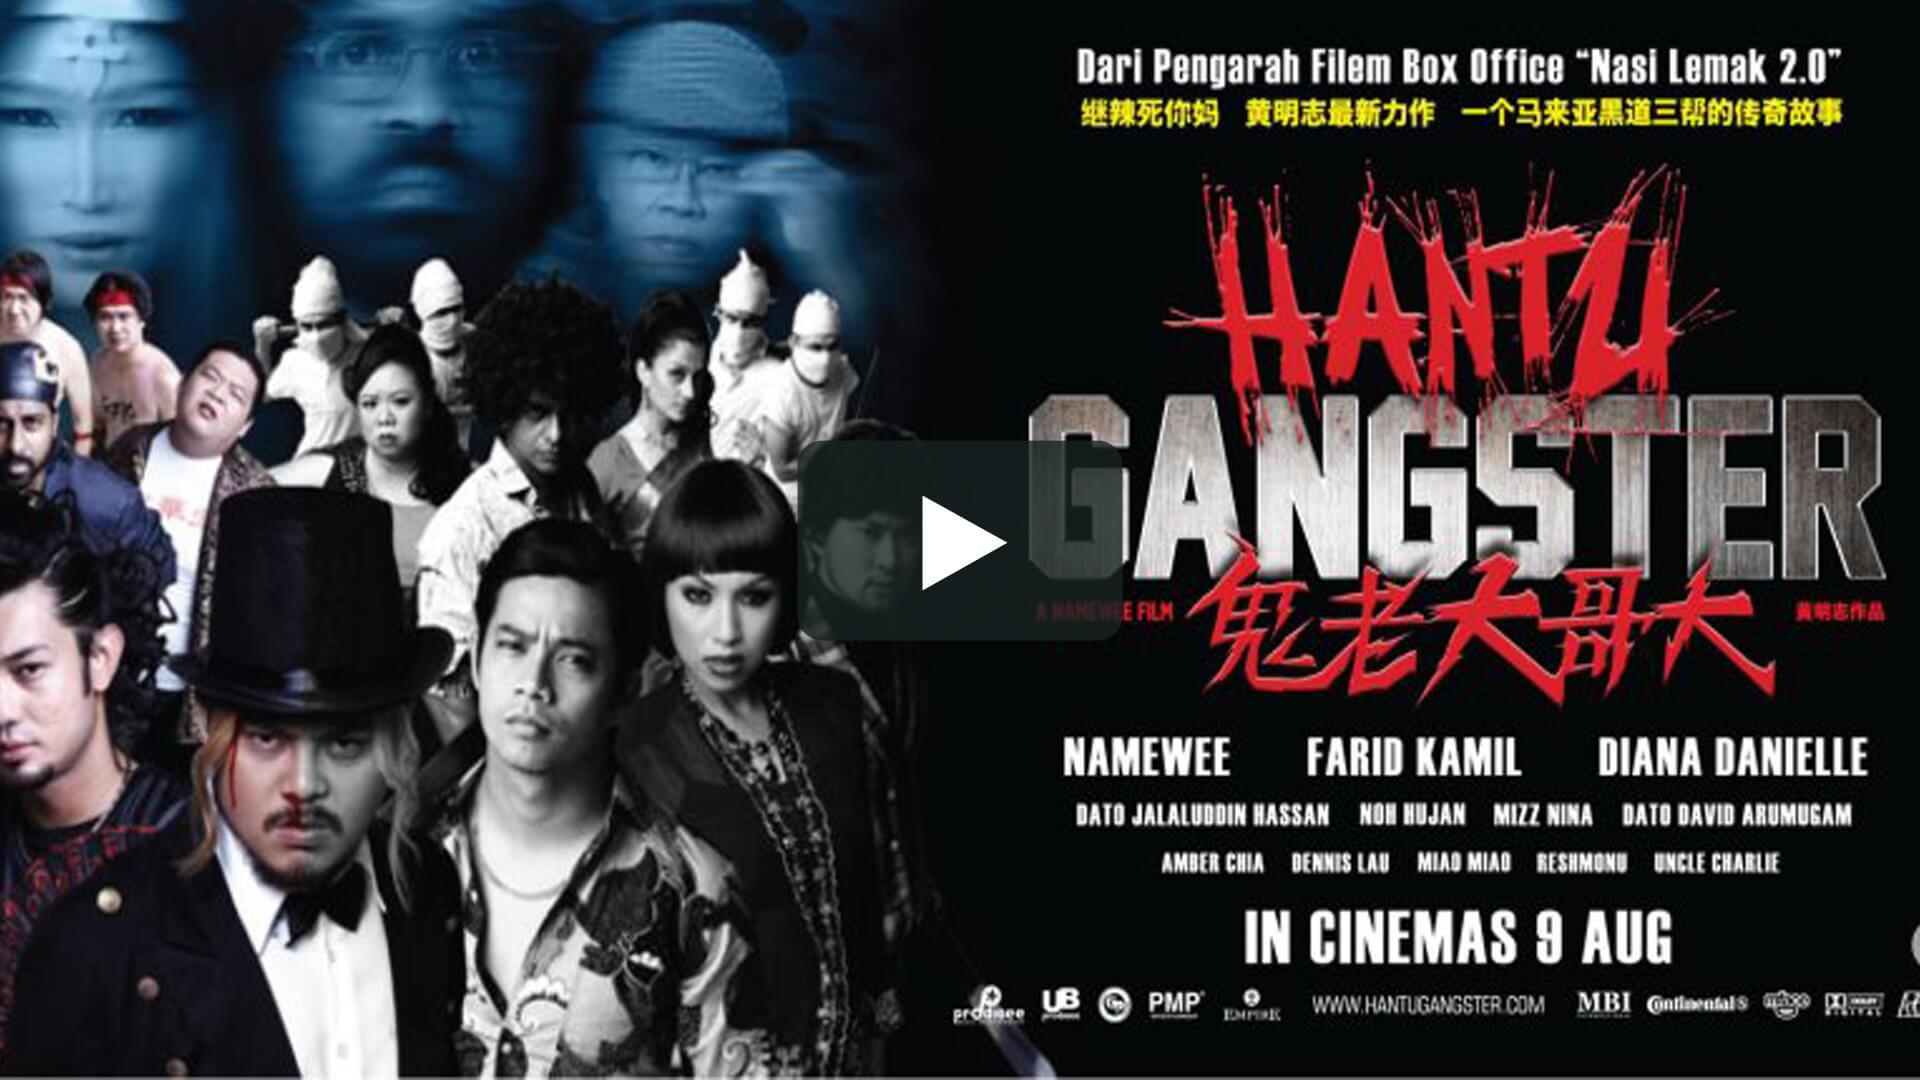 鬼佬大哥大 - Hantu Gangster